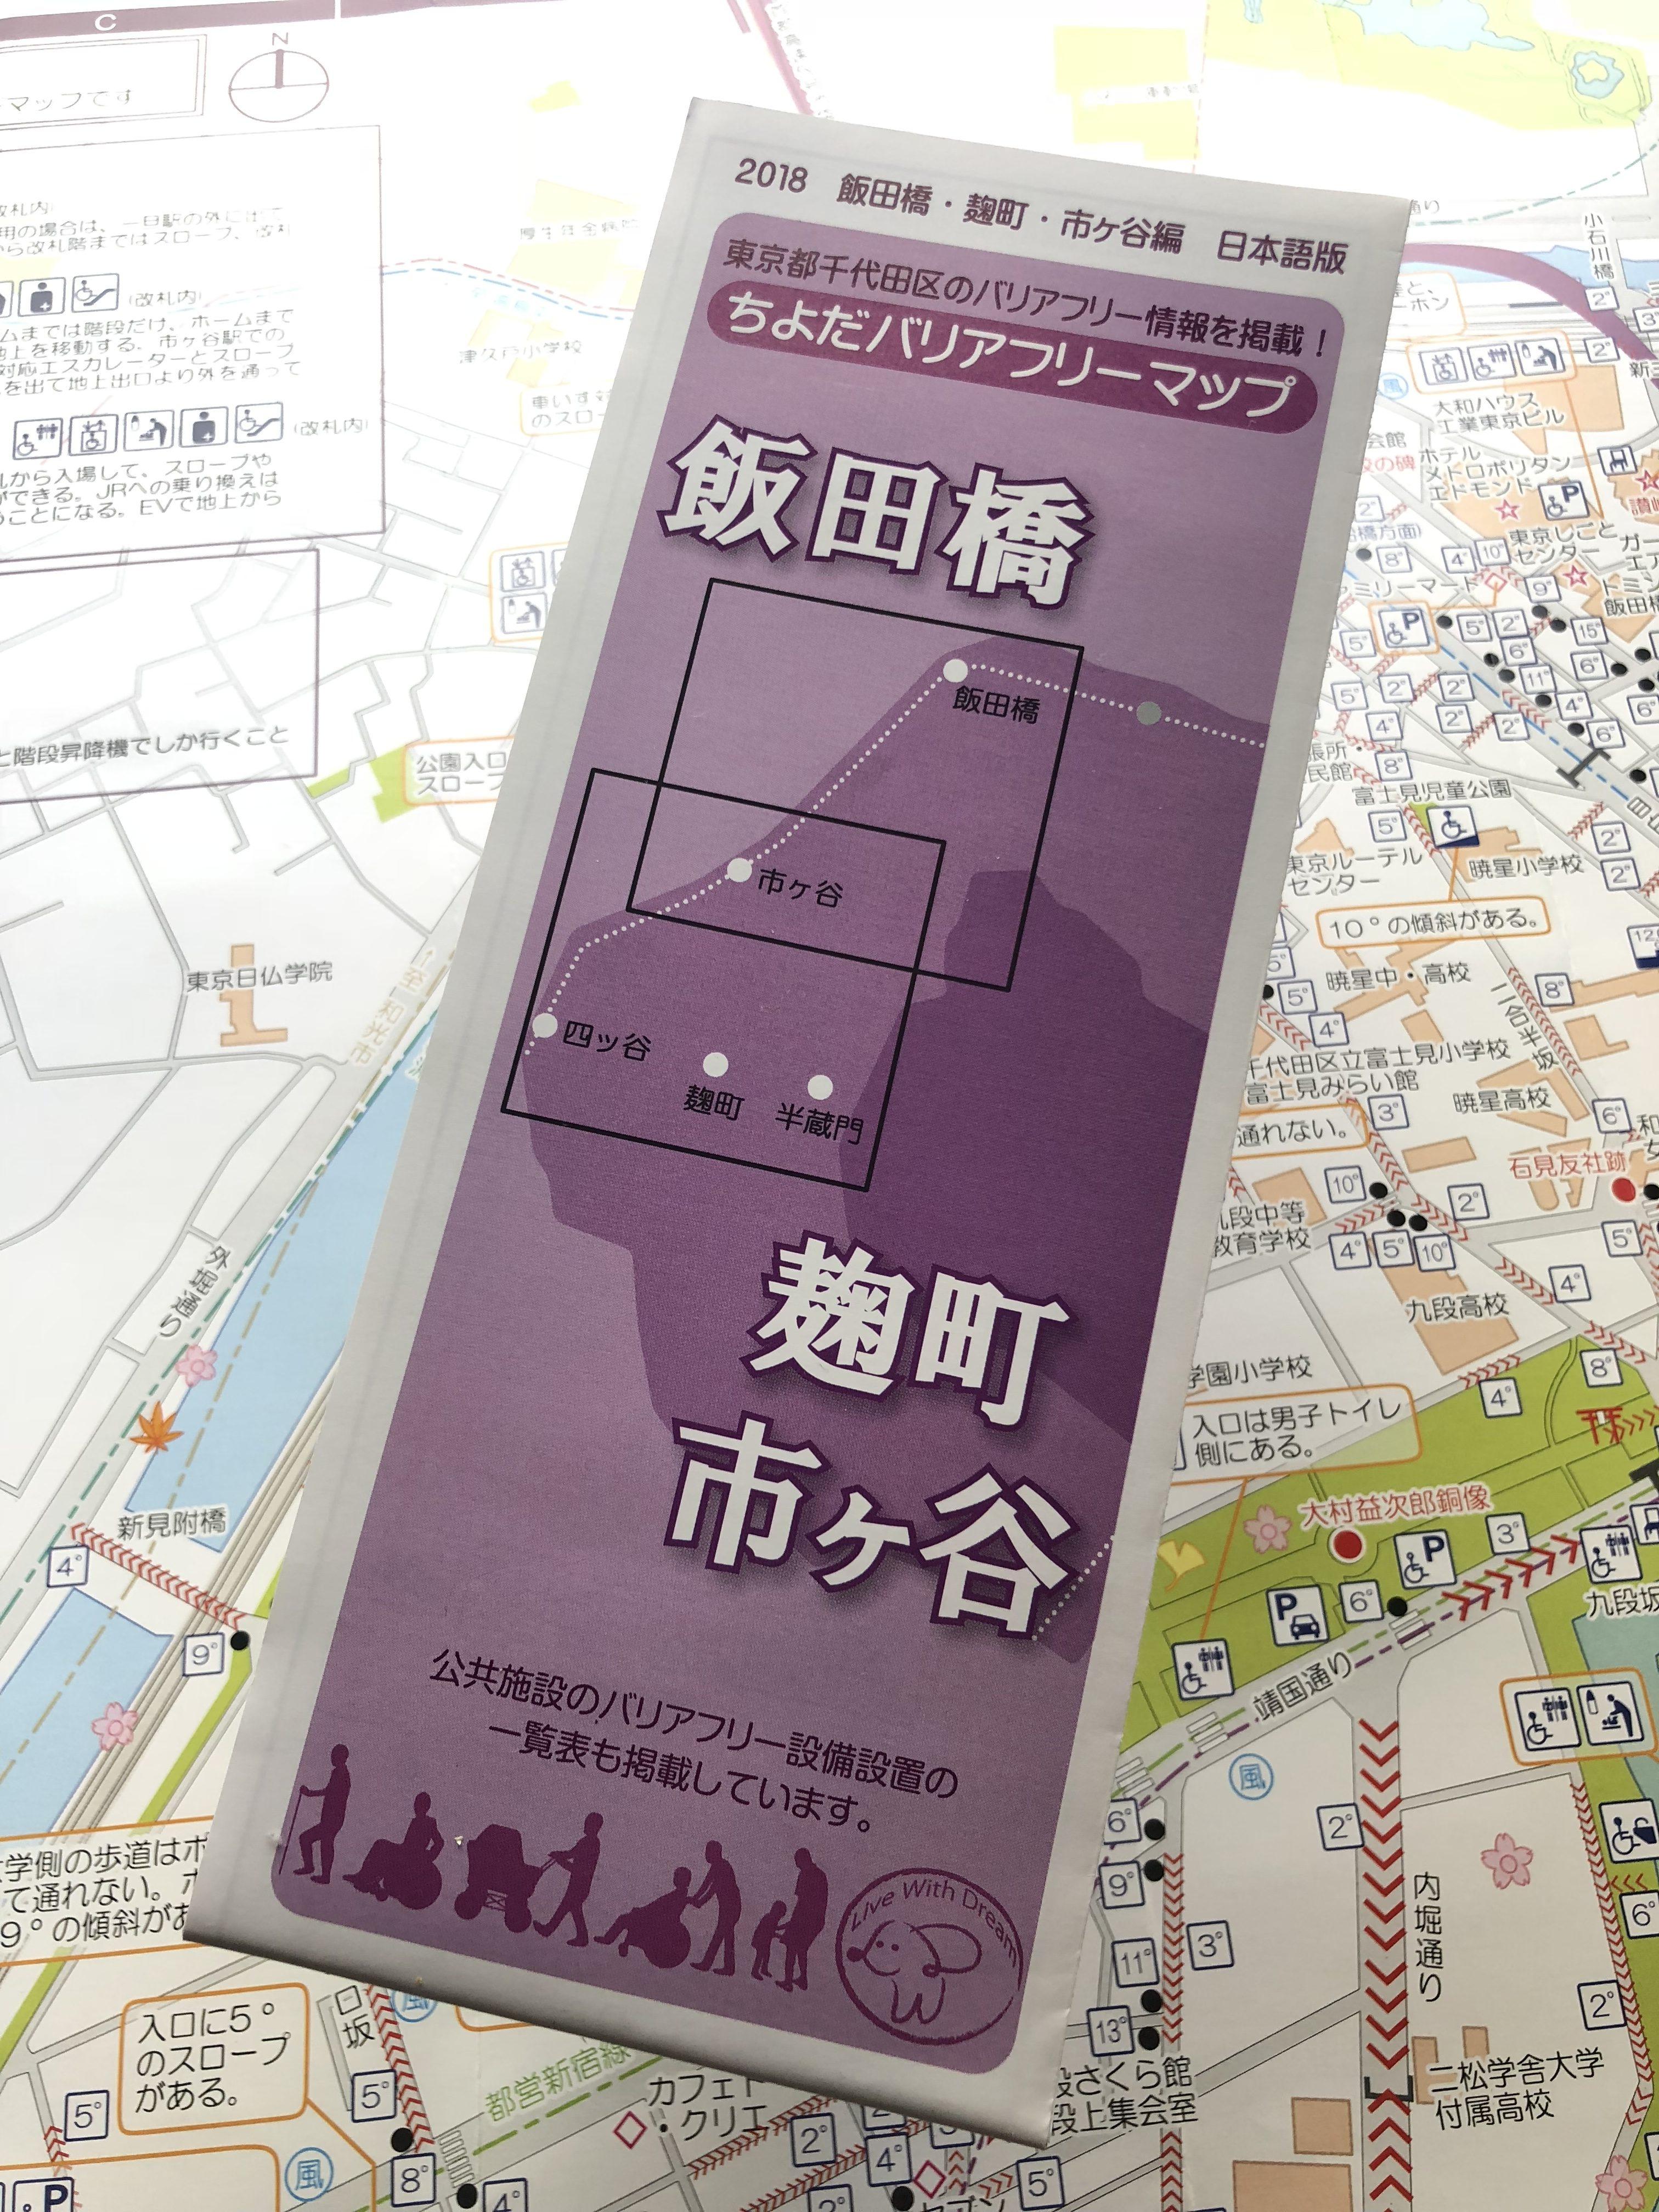 飯田橋・麹町・市ヶ谷バリアフリーマップ